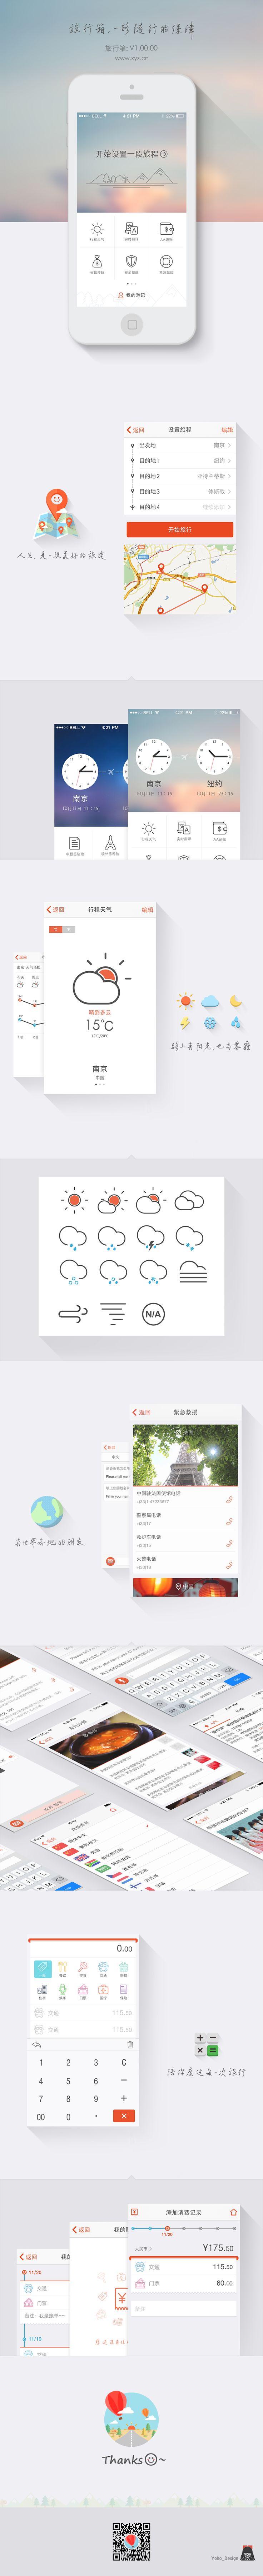 120旅行工具界面展示移动设备APP界面GUI哒啦啦_19k - 原创设计作品 - 站酷 (ZCOOL)